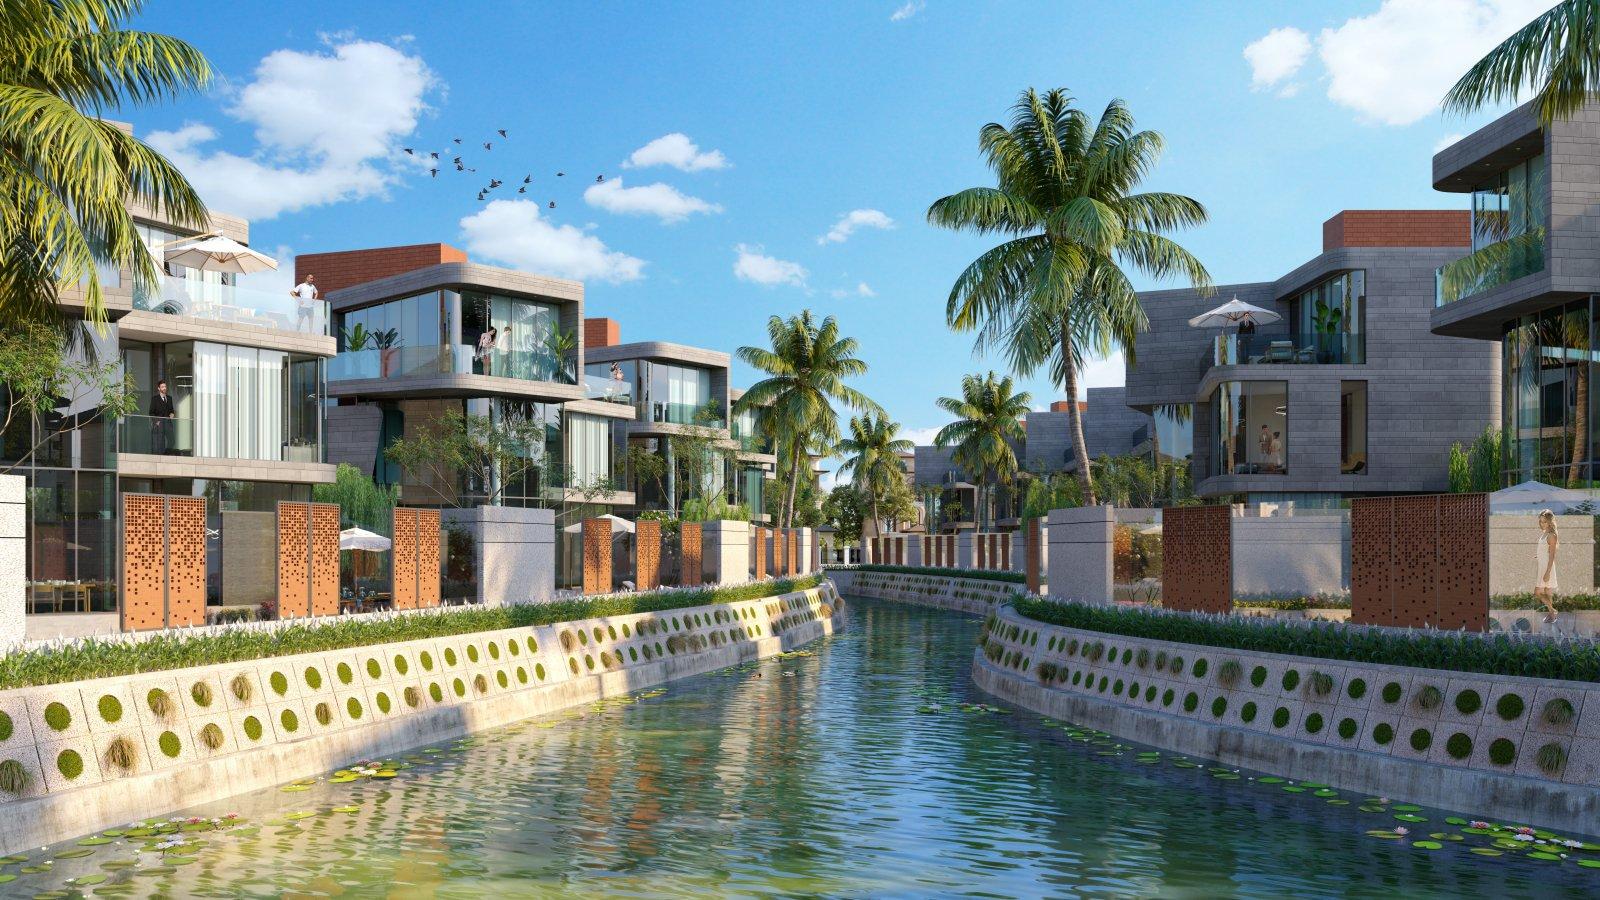 Nhà đầu tư Quảng Ngãi đổ xô đi tìm đất biển Đà Nẵng